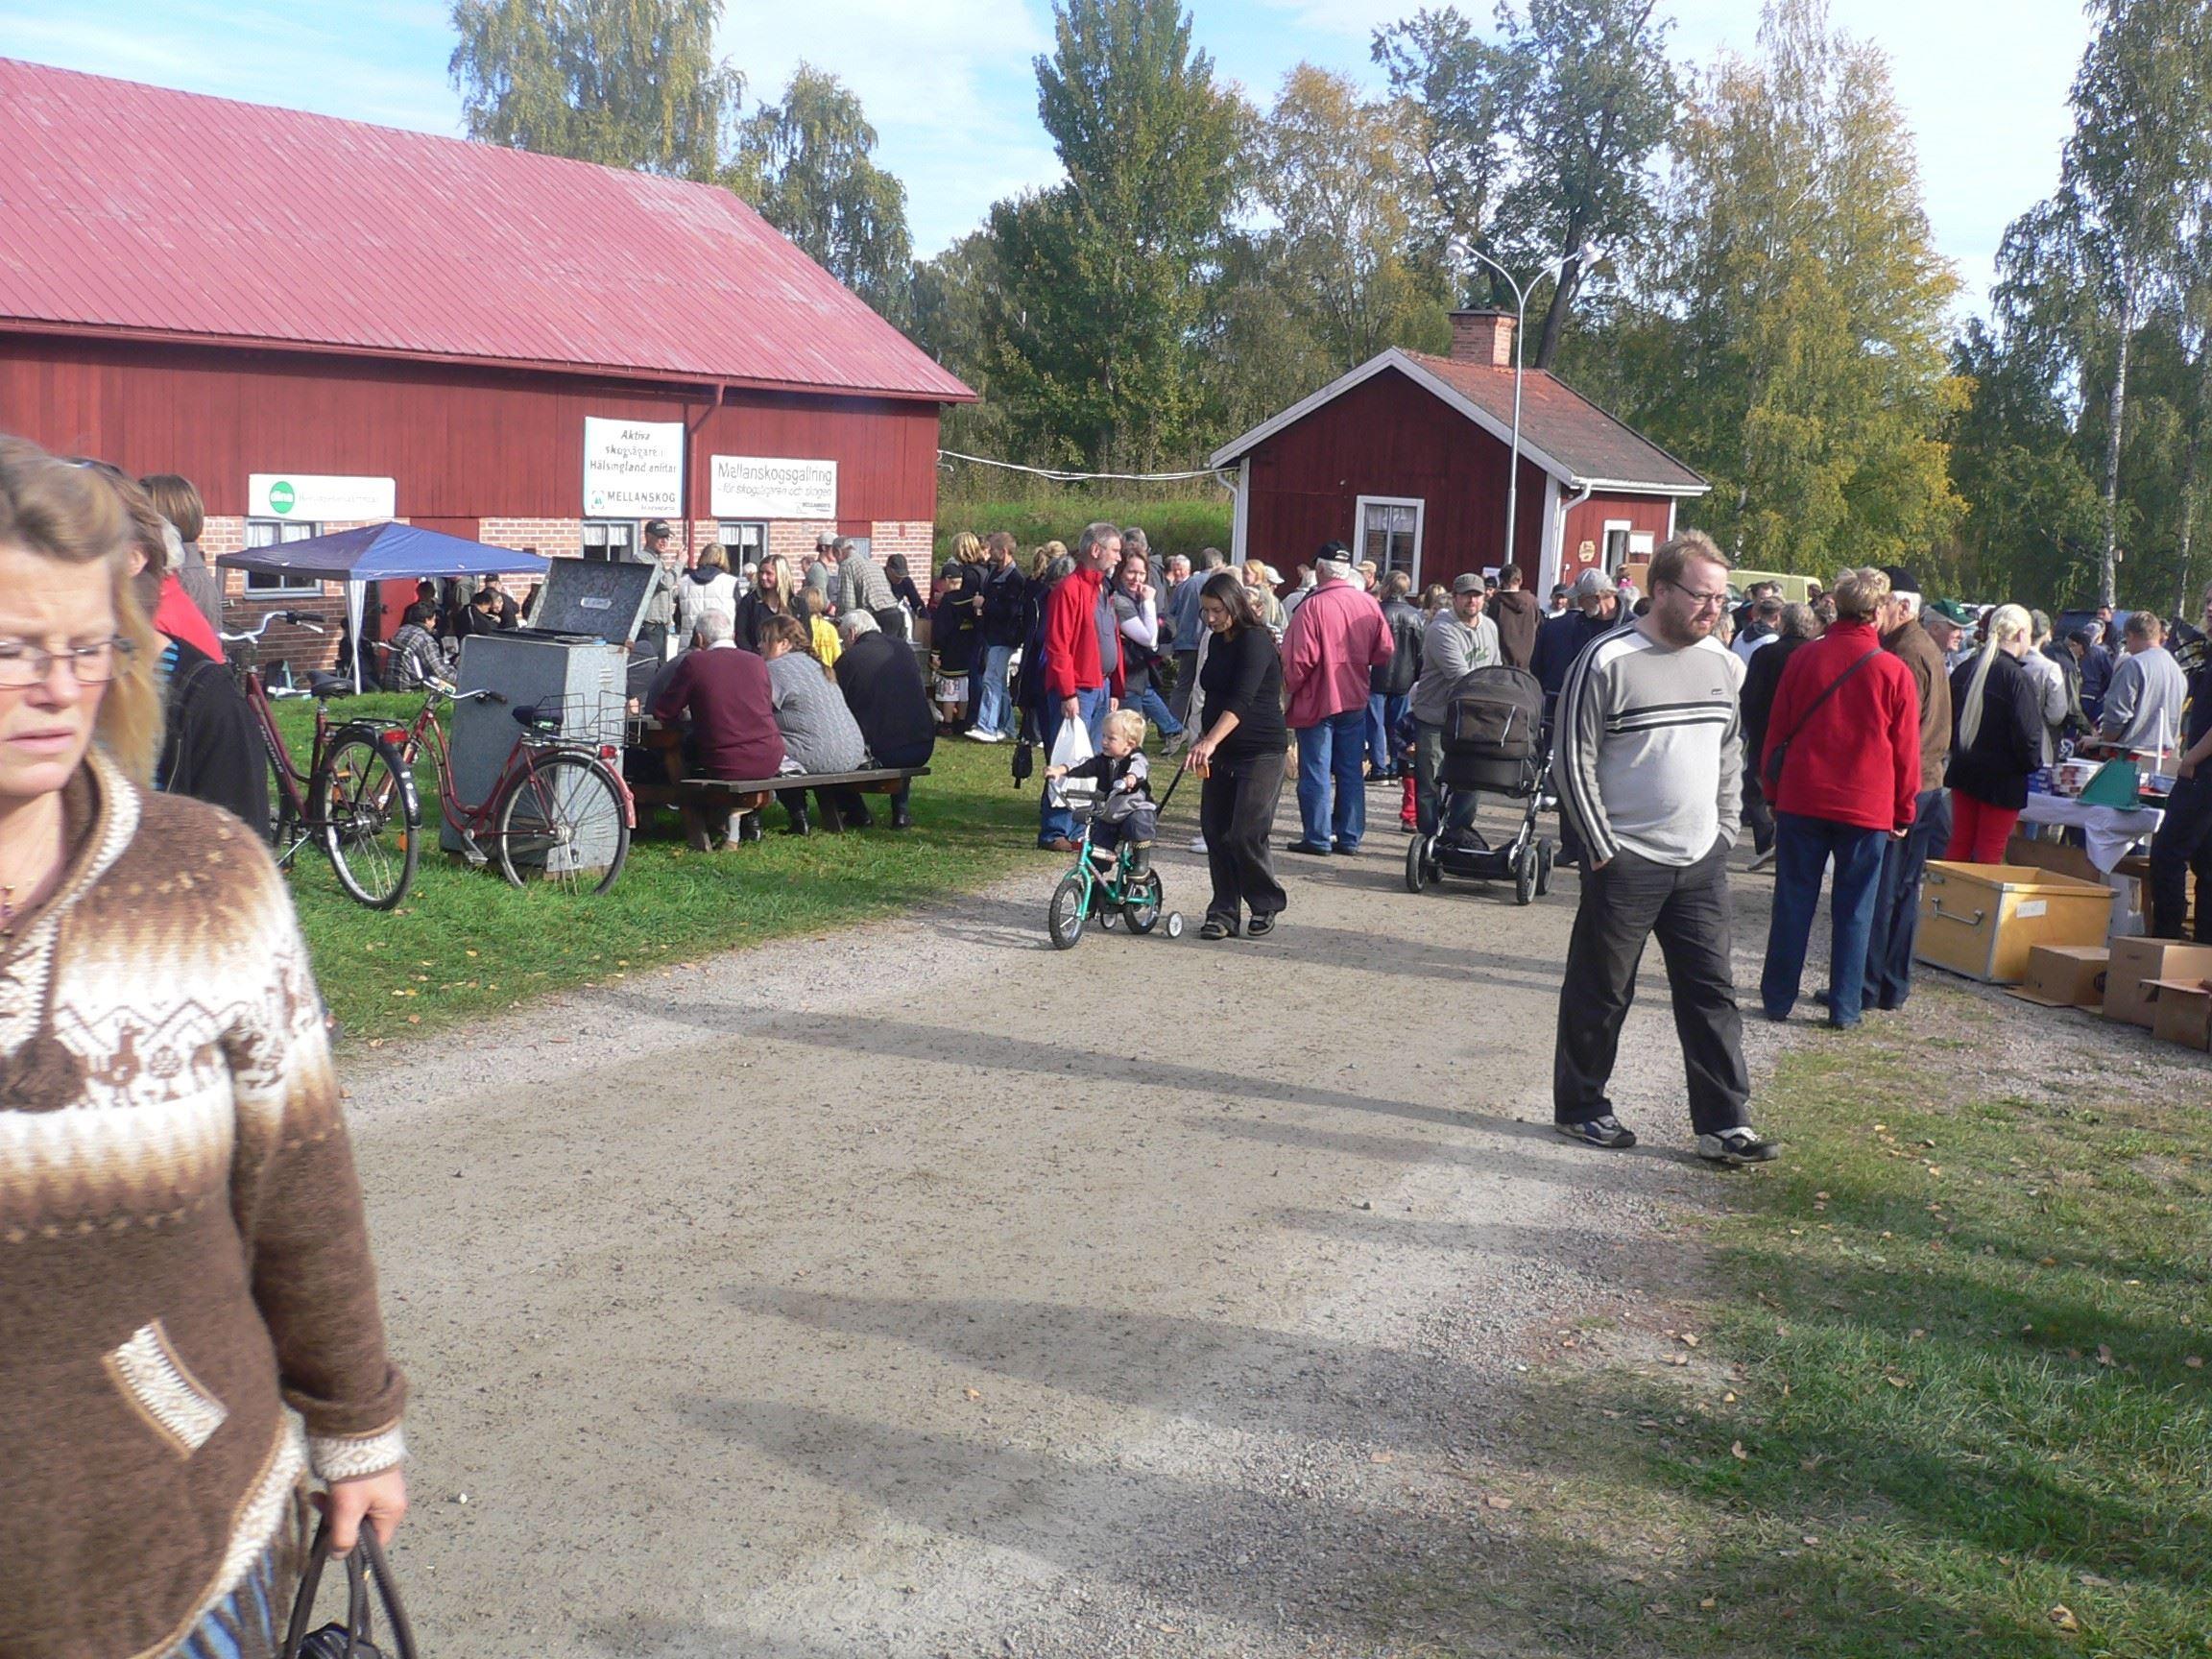 Malin Olskims, Mickelsmäss Höstmarknad - Delsbo Lantbruksmuseum